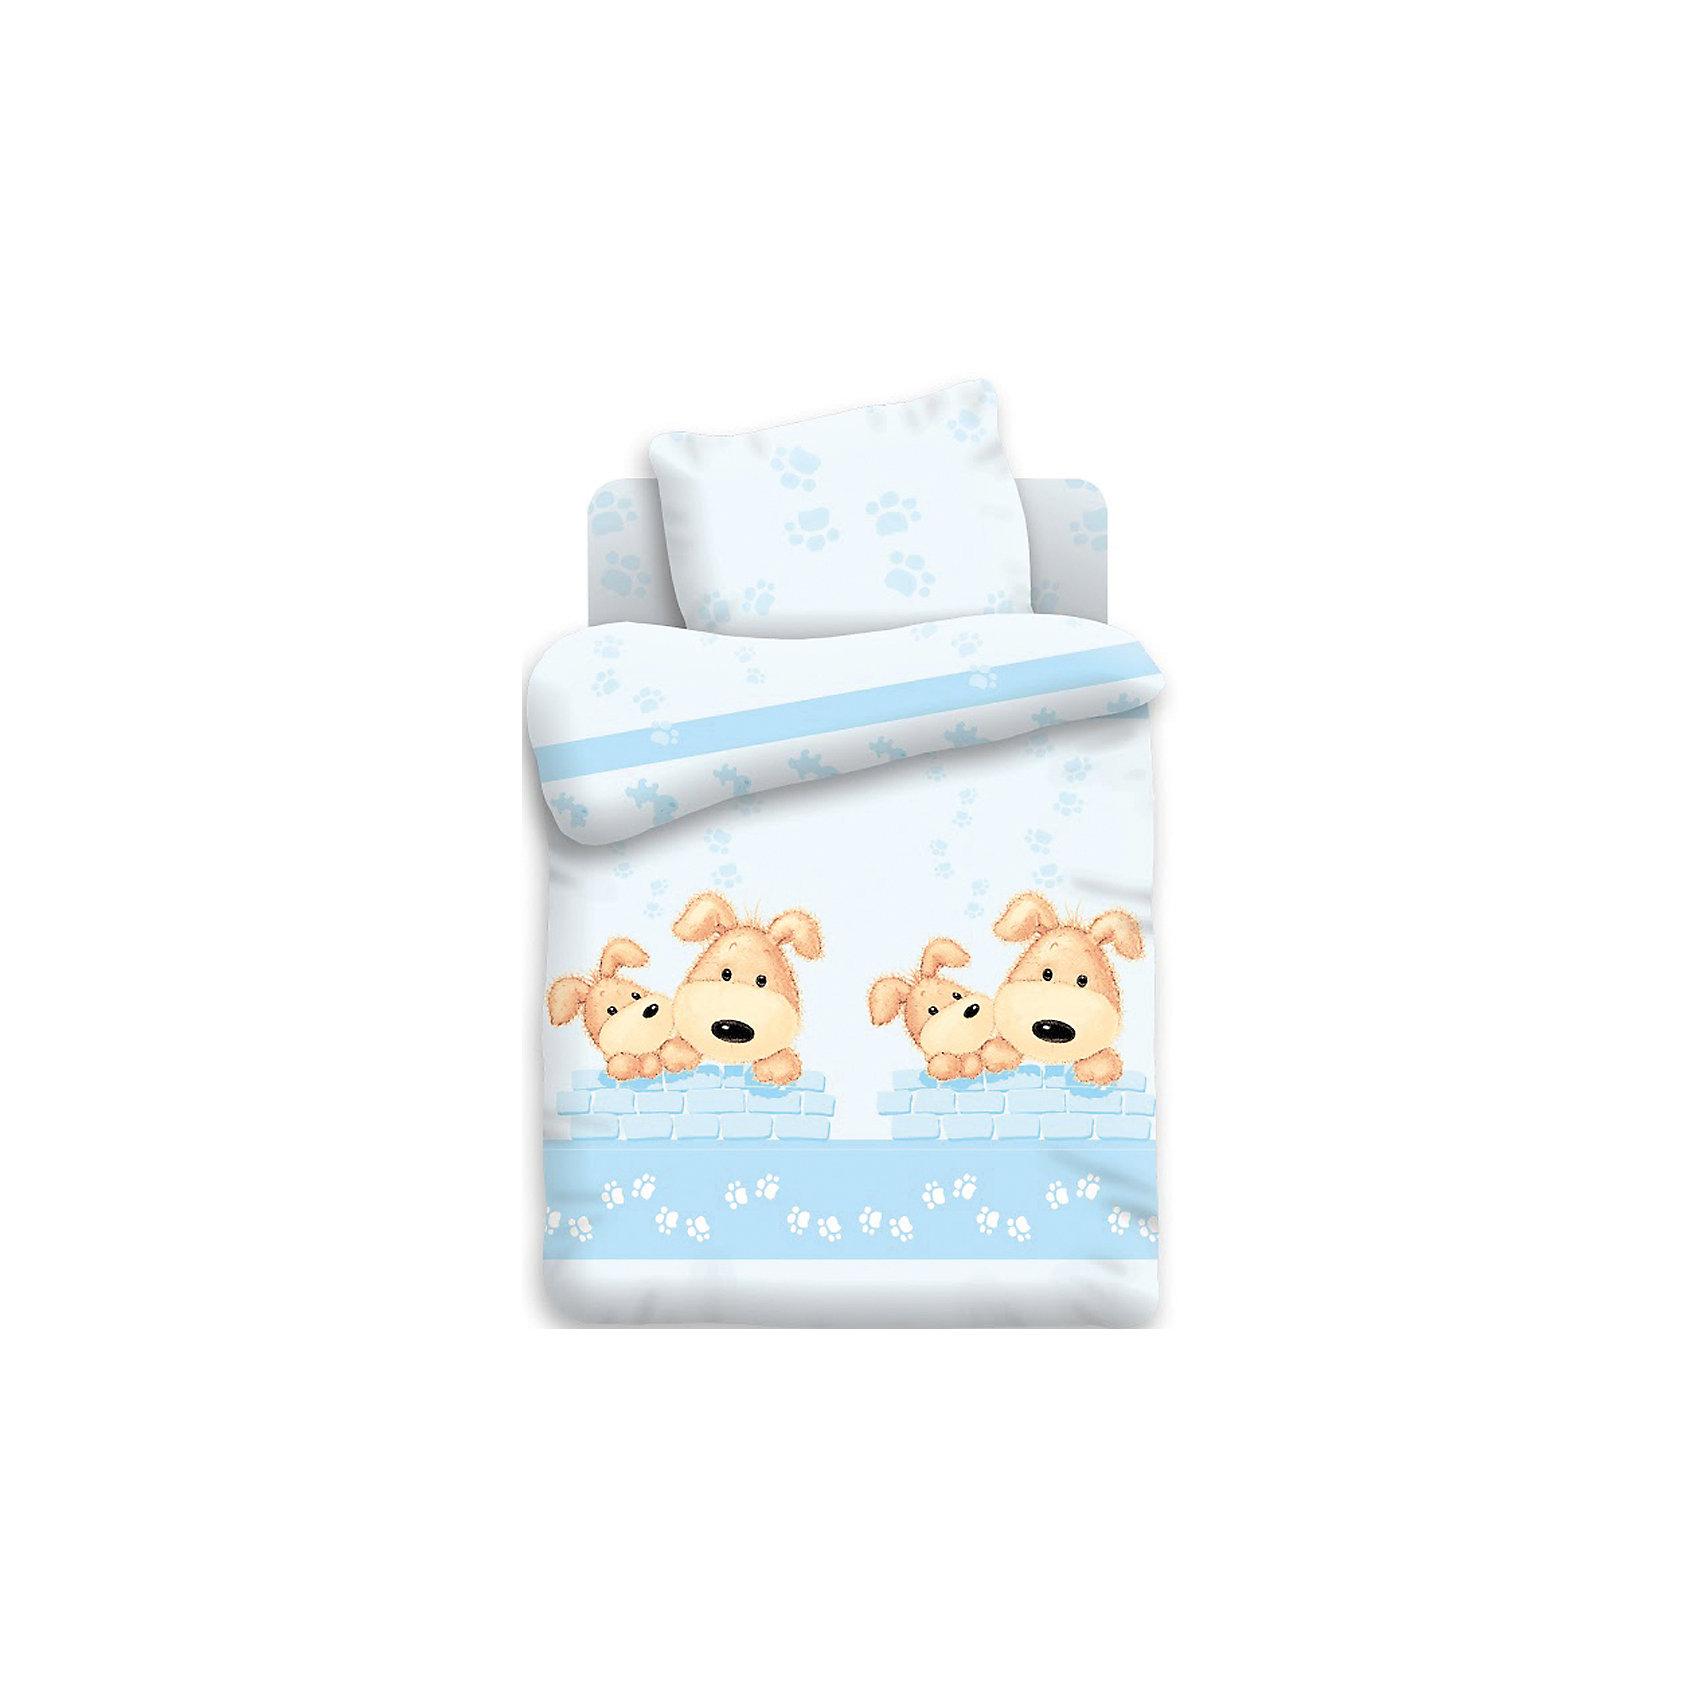 Постельное белье Собачки 3 пред, Непоседа, бязьДетское постельное белье обязано быть не только комфортным, но и красивым! Этот комплект, состоящий из пододеяльника, простыни и наволочки, обязательно понравится детям из-за симпатичного принта.<br>Все предметы из набора - стандартных размеров, поэтому отлично подойдут к обычной кровати, подушке и одеялу. Материал - натуральный хлопок, который не вызовет аллергии, позволяя при этом коже дышать. Без проблем стирается и его очень легко гладить. Порадуйте ребенка оригинальным и приятным на ощупь комплектом!<br><br>Дополнительная информация:<br><br>состав: бязь (100% хлопок);<br>цвет: разноцветный, принт;<br>пододеяльник: 147 на 112 см;<br>простыня: 110 на 150 см;<br>наволочка: 40 на 60 см.<br><br>Постельное белье Собачки 3 пред, от бренда Непоседа можно купить в нашем магазине.<br><br>Ширина мм: 270<br>Глубина мм: 90<br>Высота мм: 380<br>Вес г: 1200<br>Возраст от месяцев: 0<br>Возраст до месяцев: 36<br>Пол: Унисекс<br>Возраст: Детский<br>SKU: 4918323